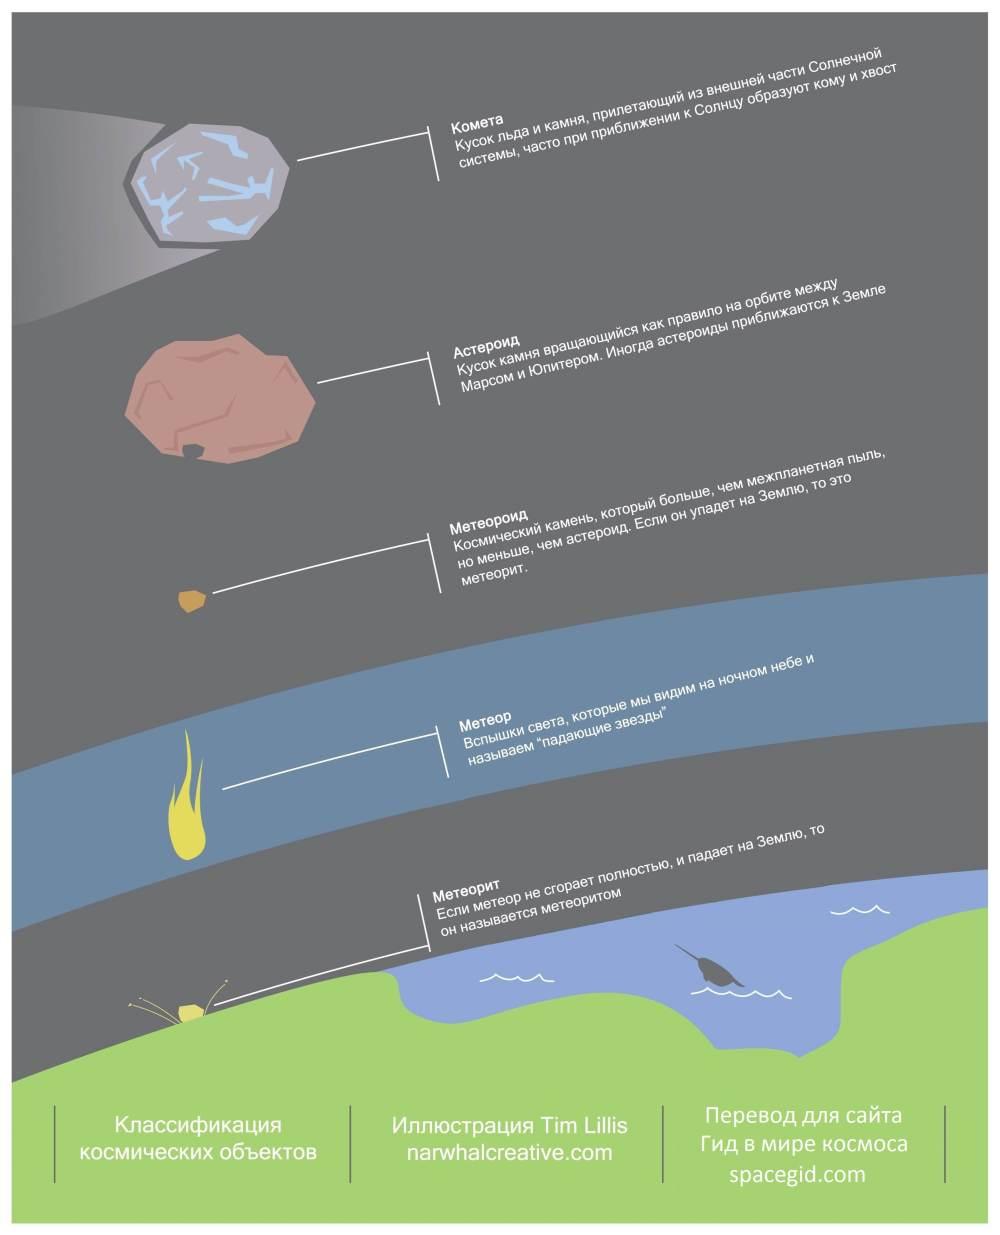 Схема отличия кометы от астероида или метеорита